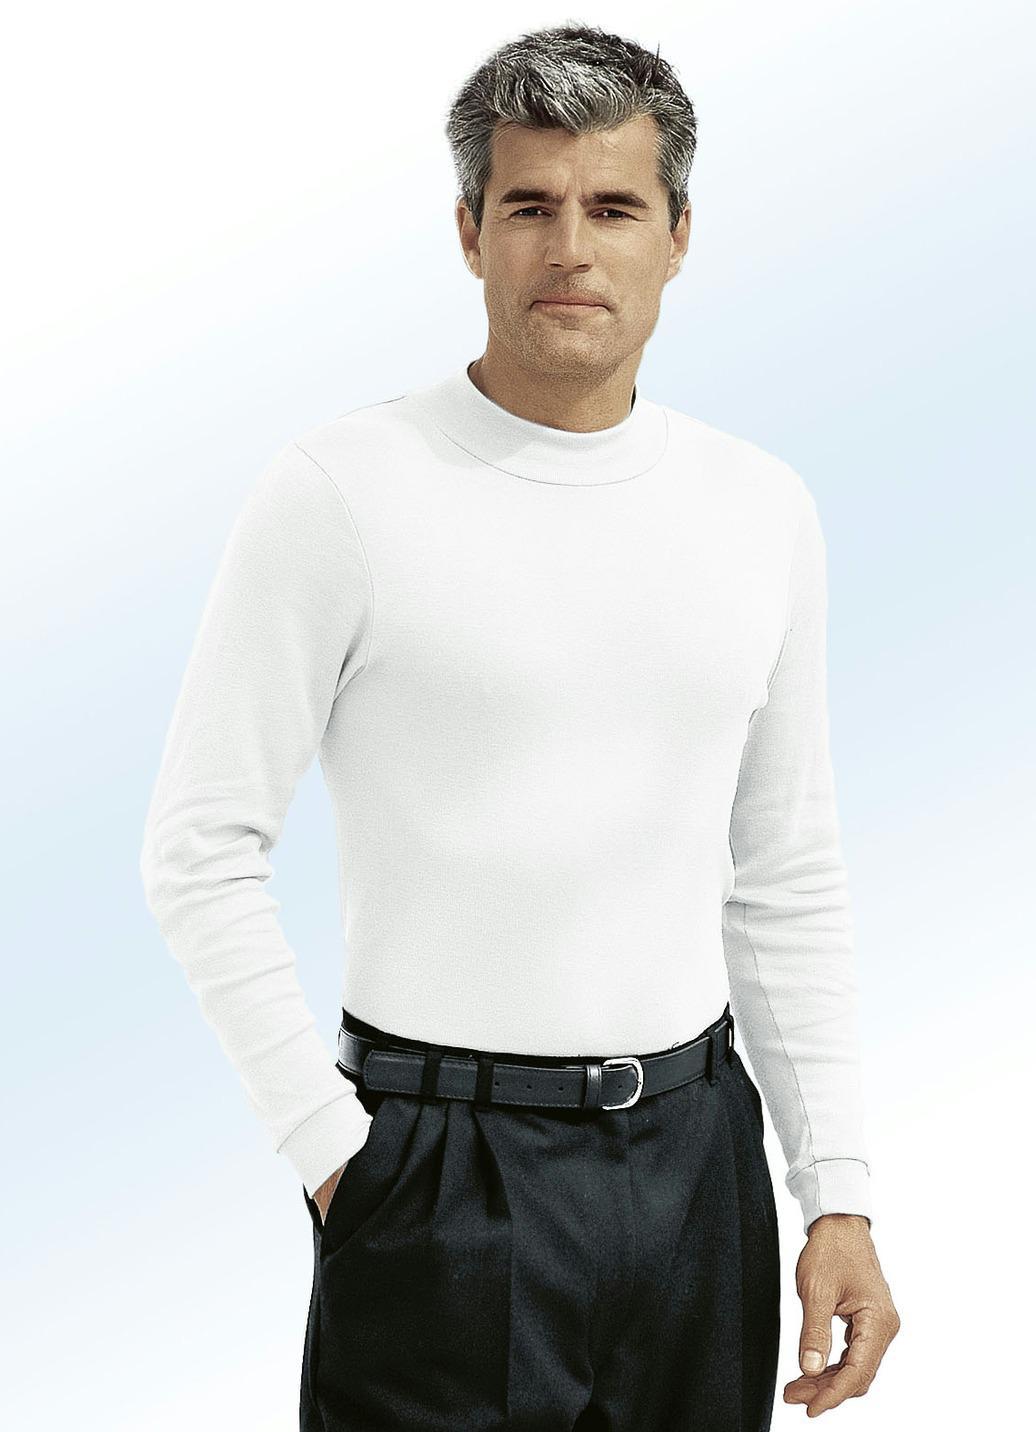 Tragangenehmes Shirt in 9 Farben, Ecru, Größe 46